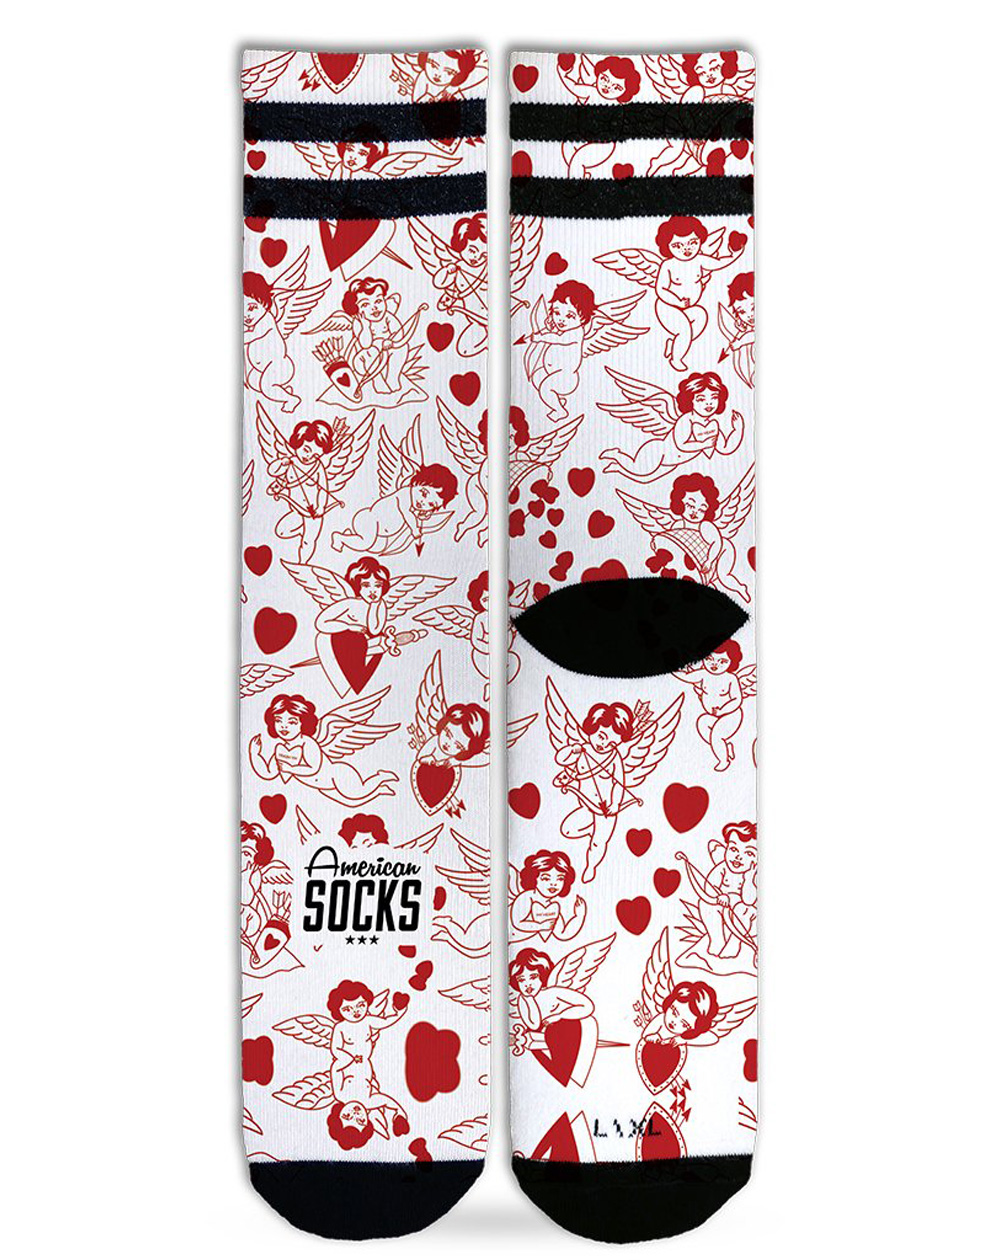 American Socks Unisex Adults Socks Valentine